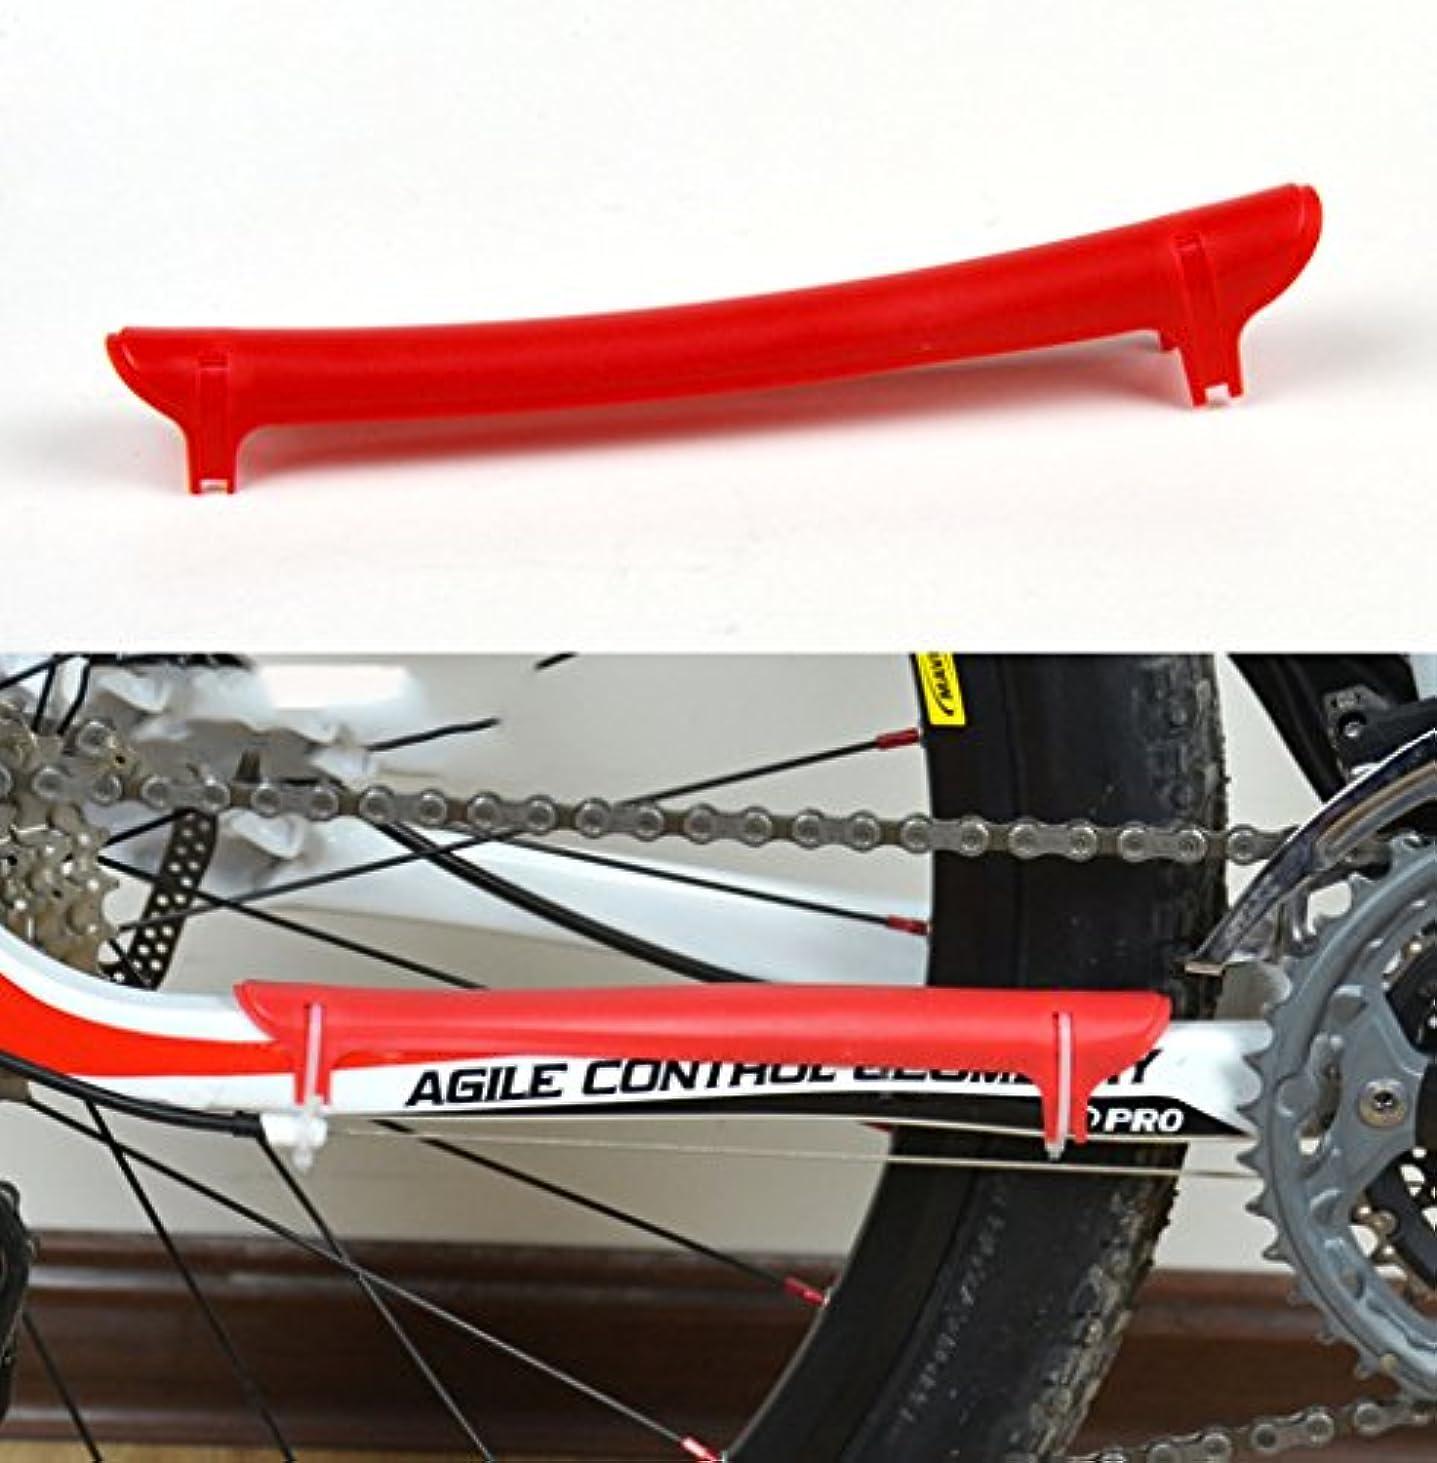 いちゃつく財布選ぶ5カラー サイクリング 自転車マウンテン バイクガード用ゴム チェーンプロテクターカバー(レッド)